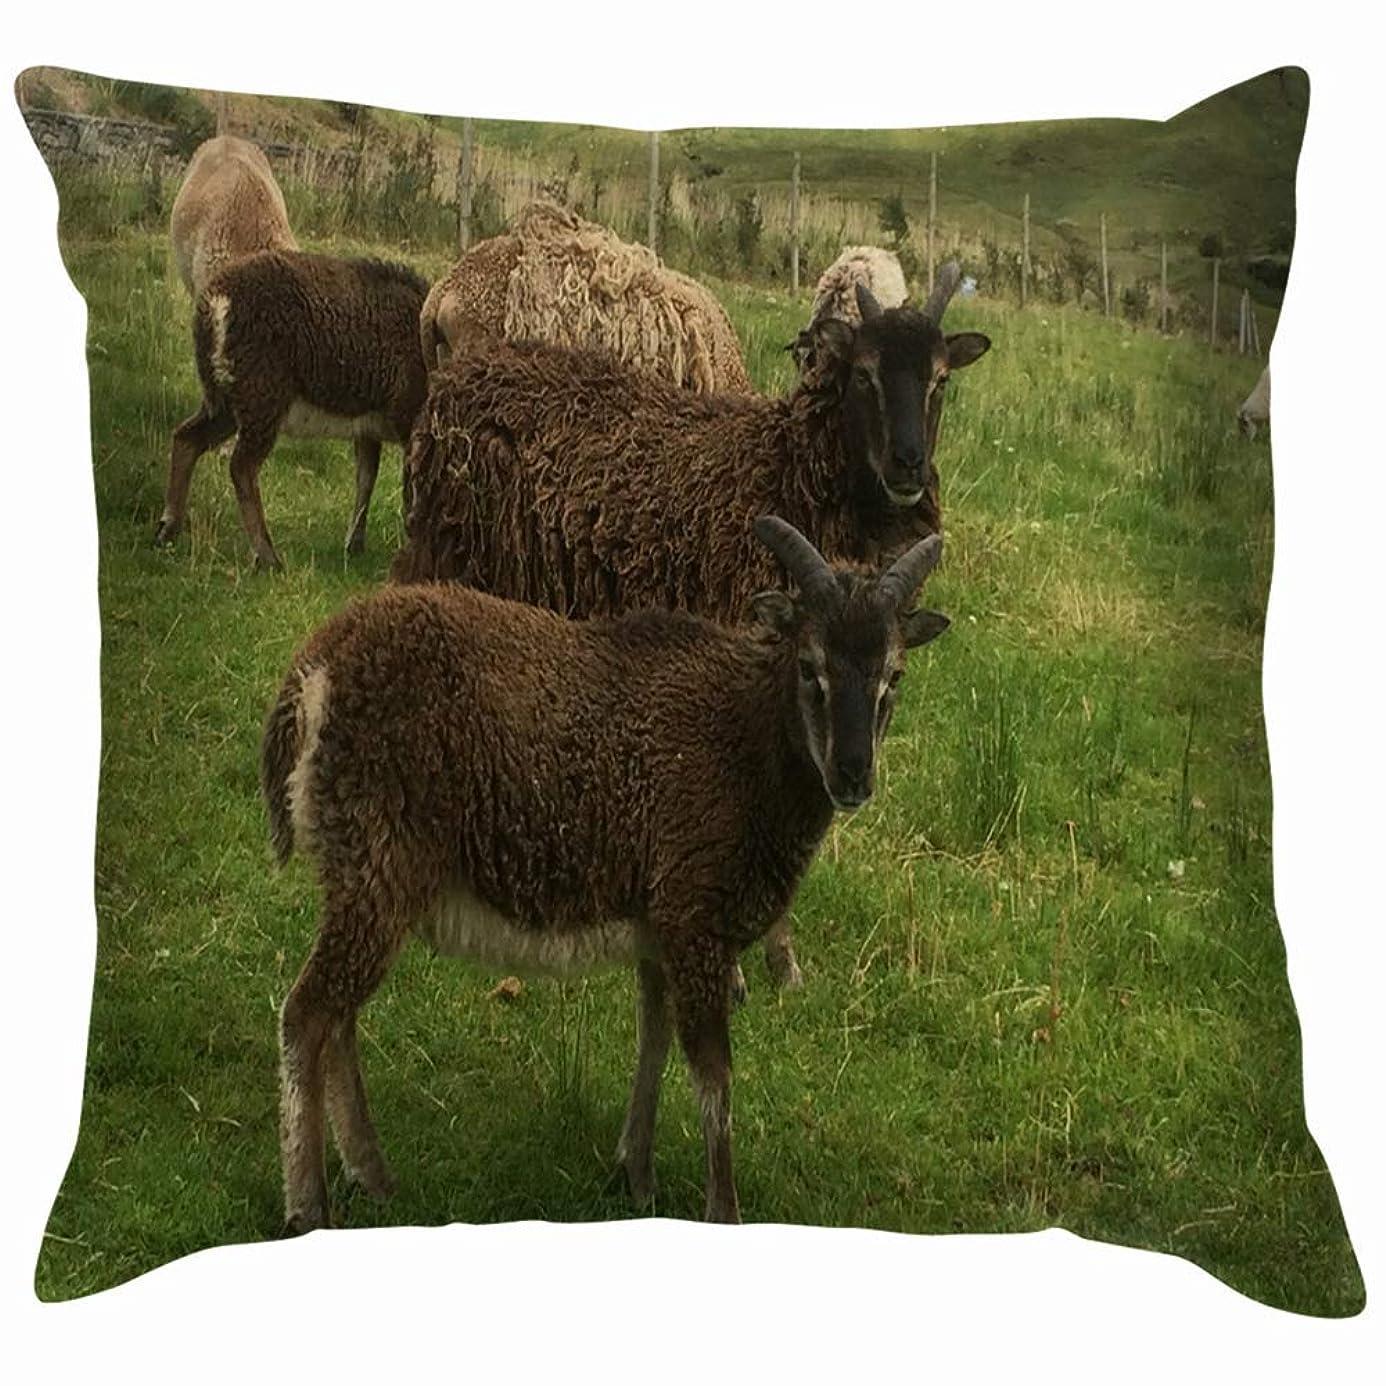 大いに電圧緑エニスアイルランド2018羊野外動物野生生物農業自然投げる枕カバーホームソファクッションカバー枕カバーギフト45x45 cm